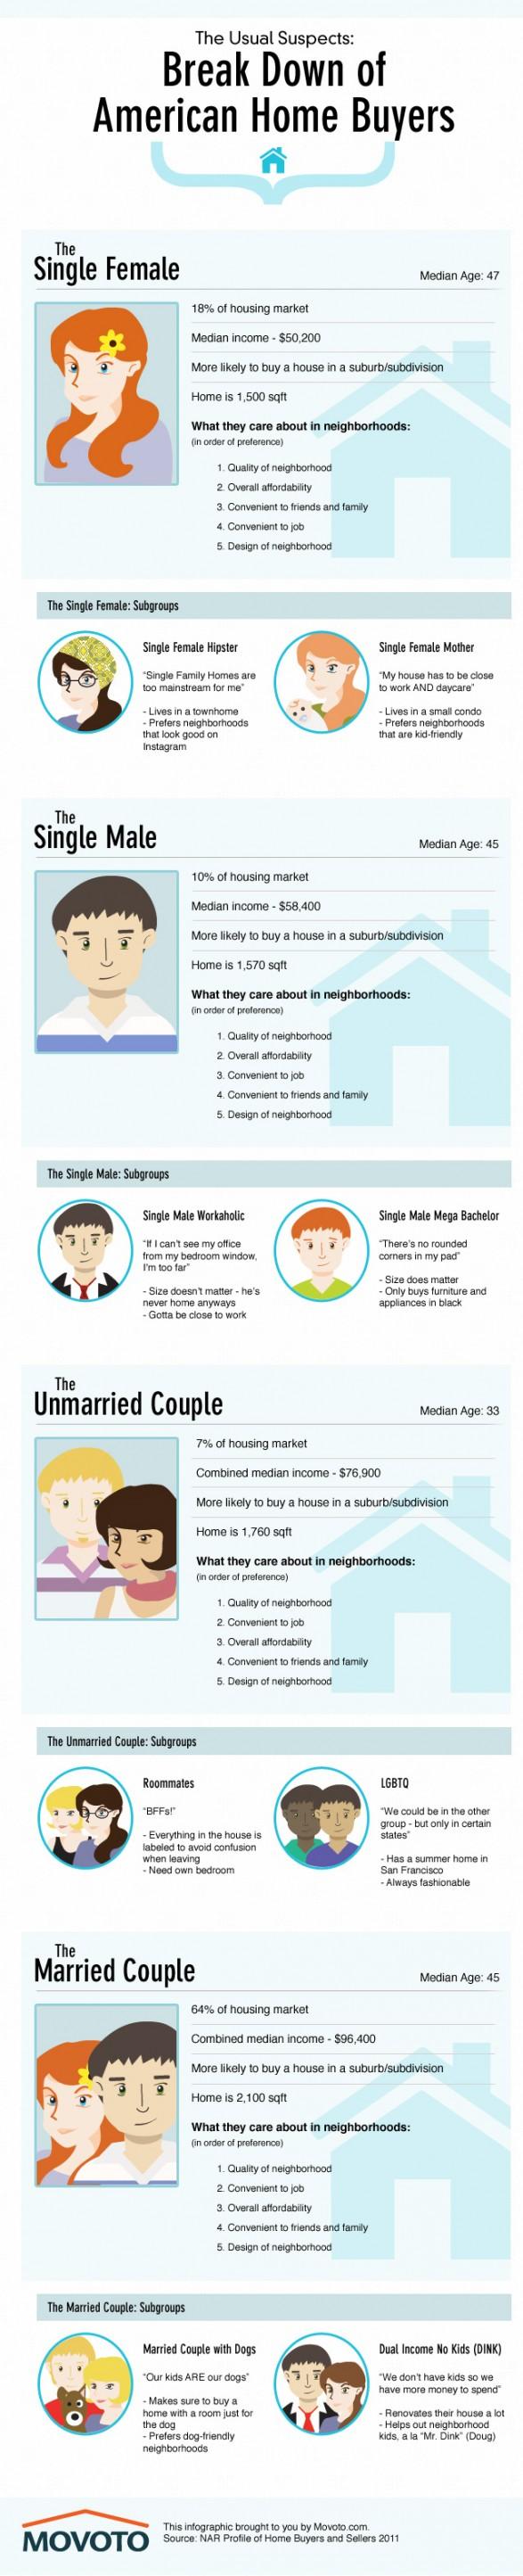 Homebuyer Demographic